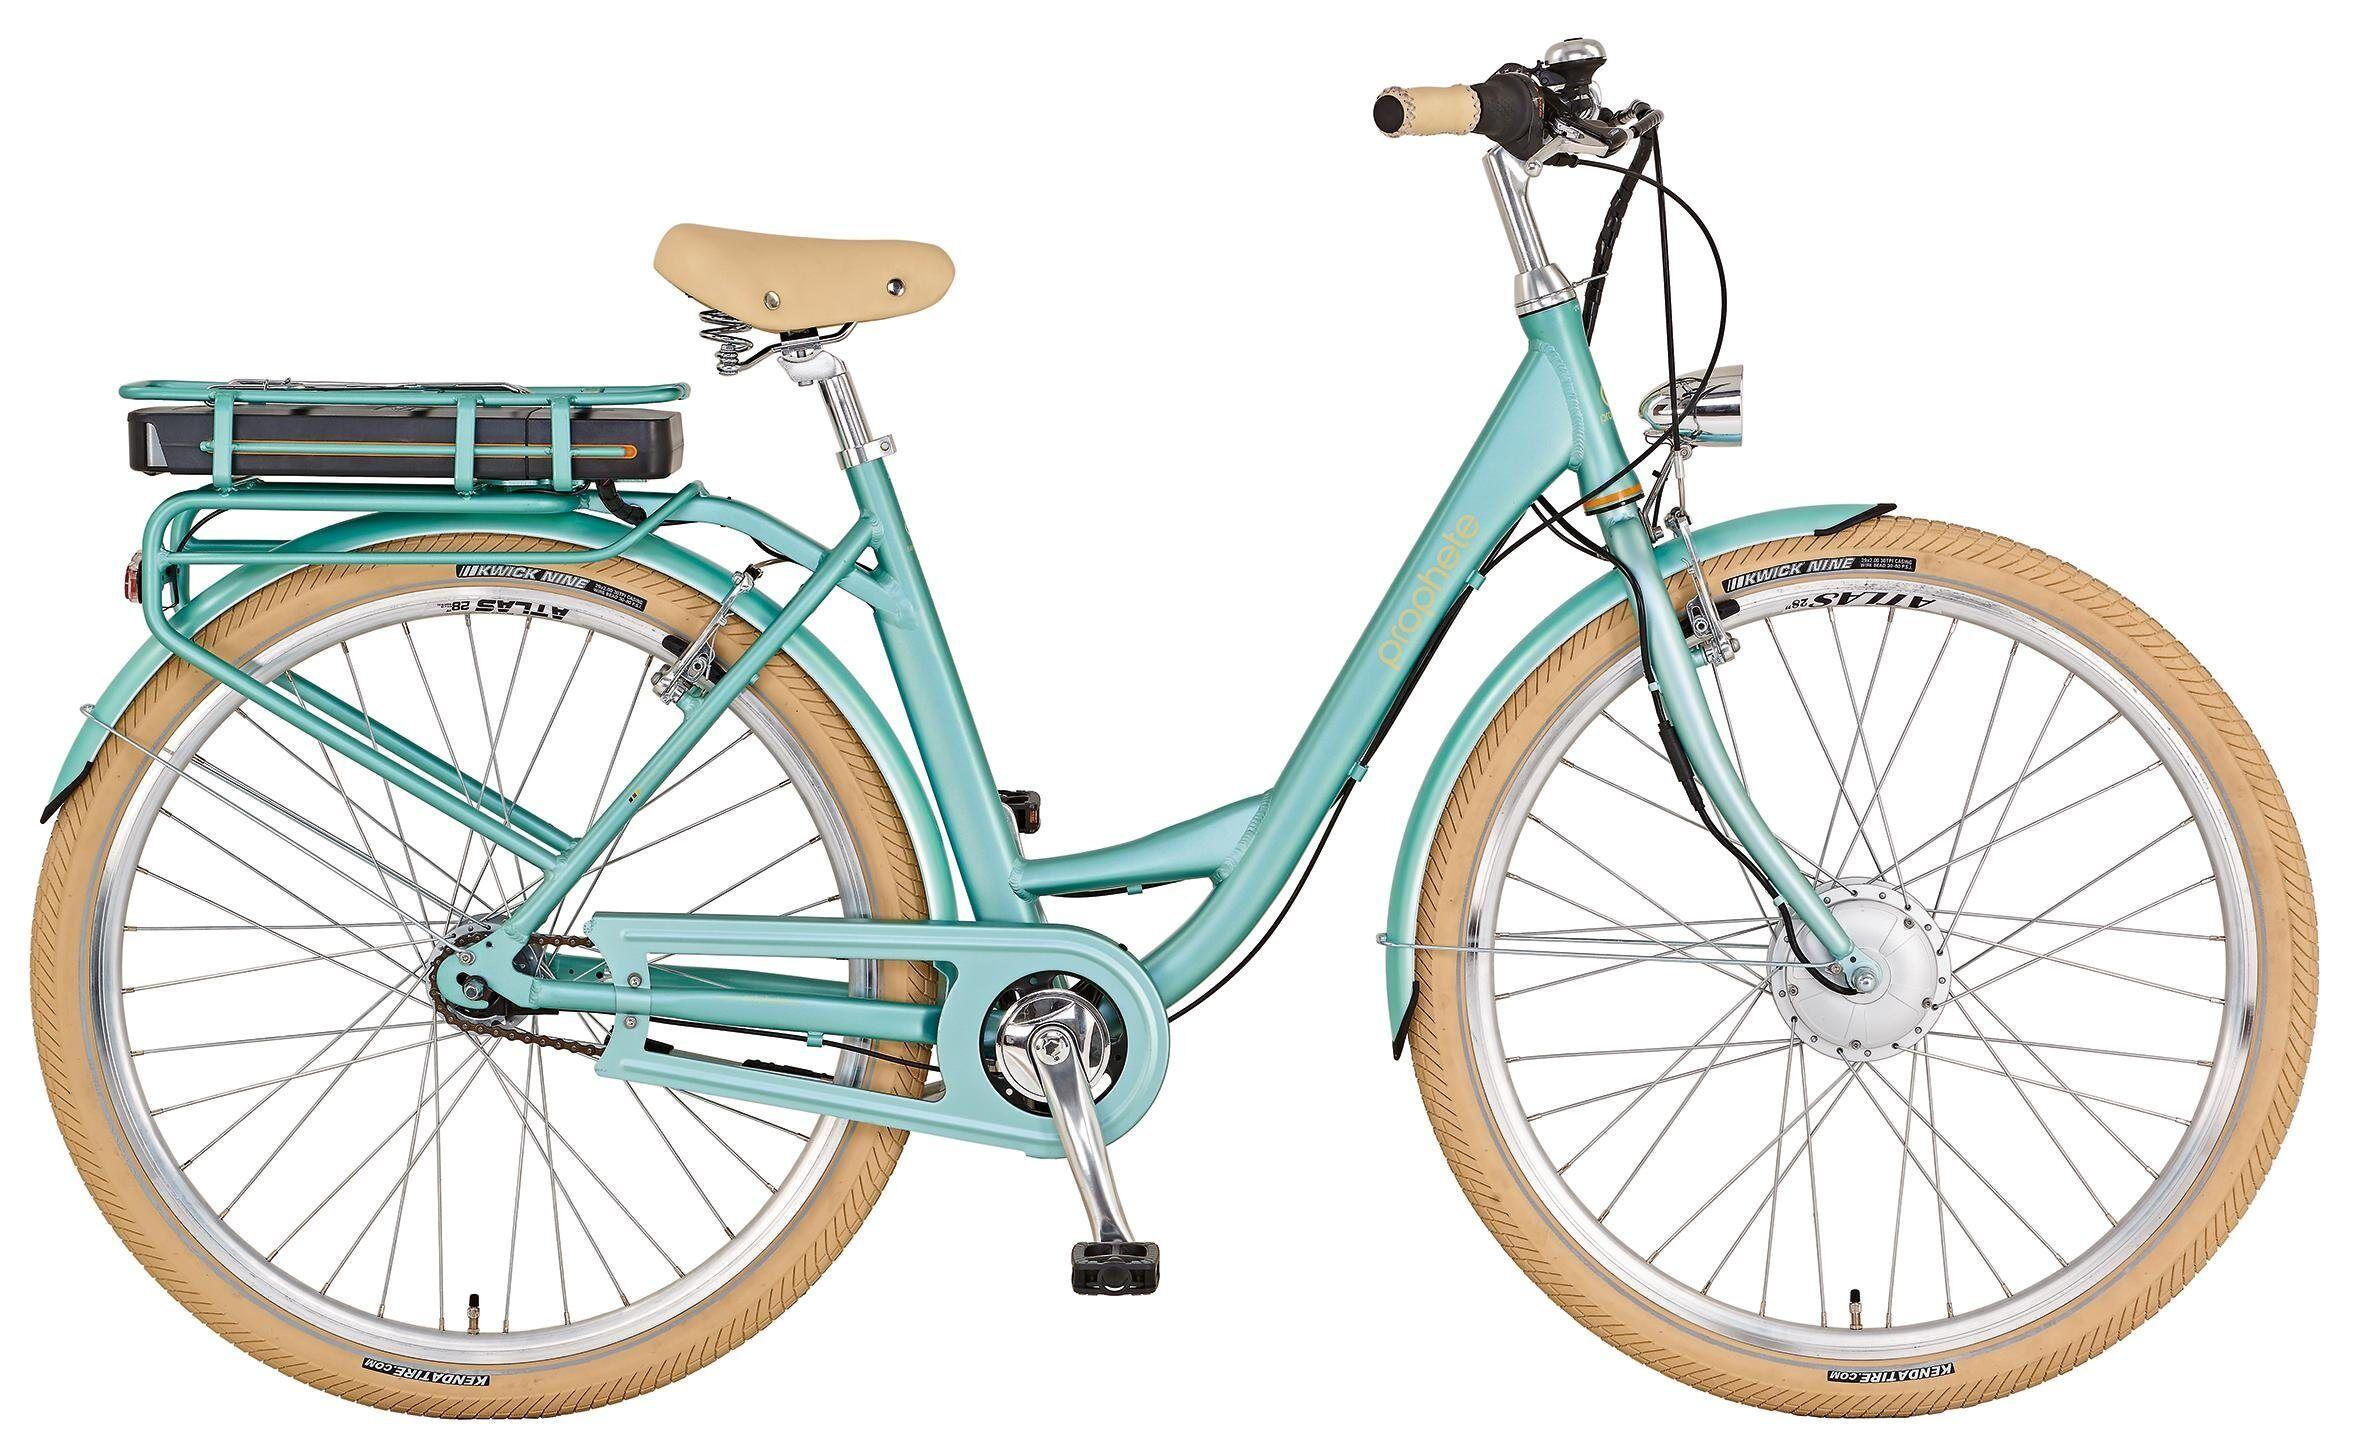 Prophete E-Bike »Geniesser e-retro«, 7 Gang, Nabenschaltung, Frontmotor 250 W, mint